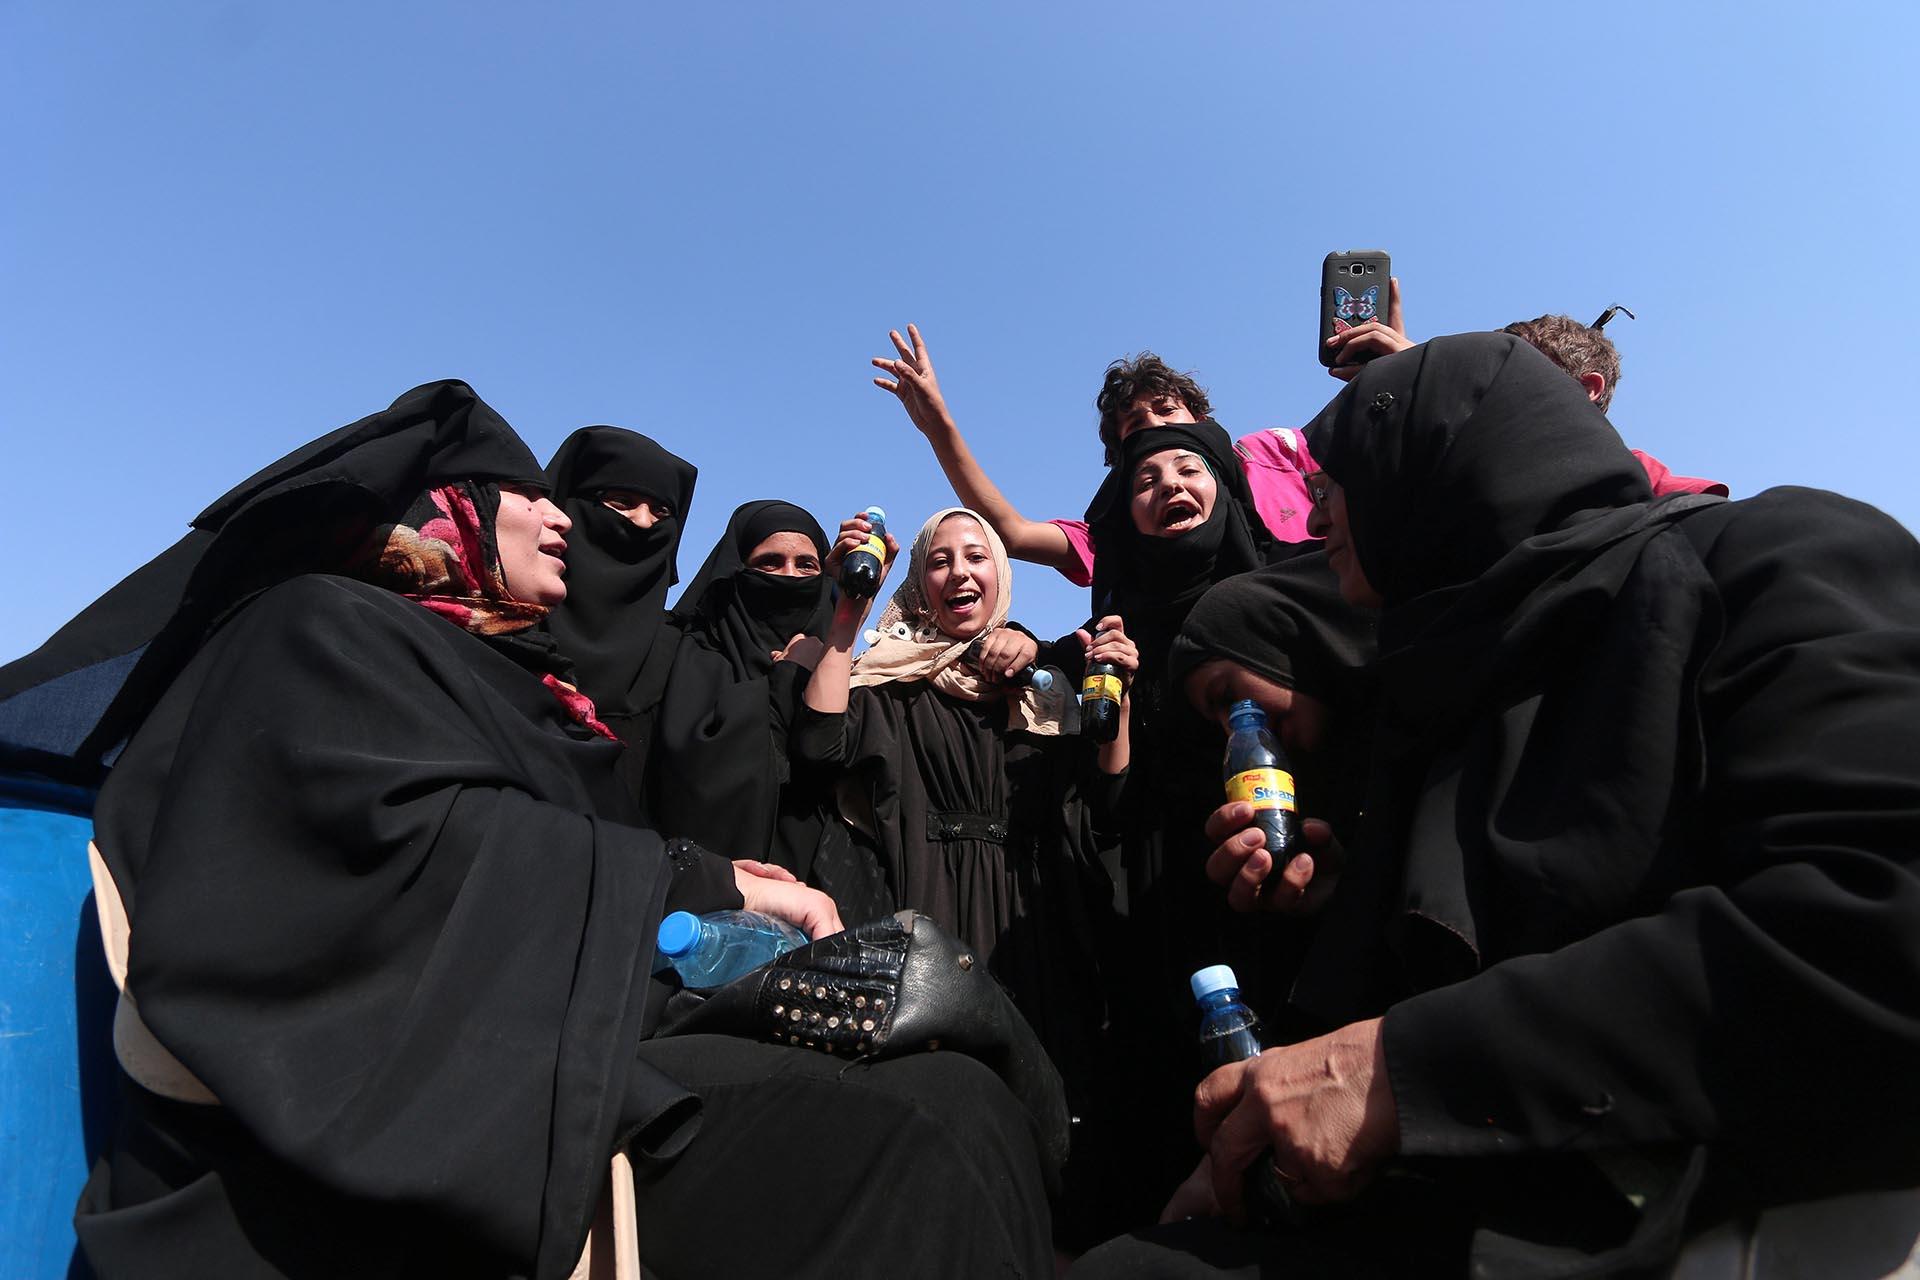 En Manbij todo es celebración y fiesta. Las mujeres ya no será tomadas como esclavas sexuales ni deberán usar obligadamente la vestimenta que ordenenlos yihadistas (Reuters)